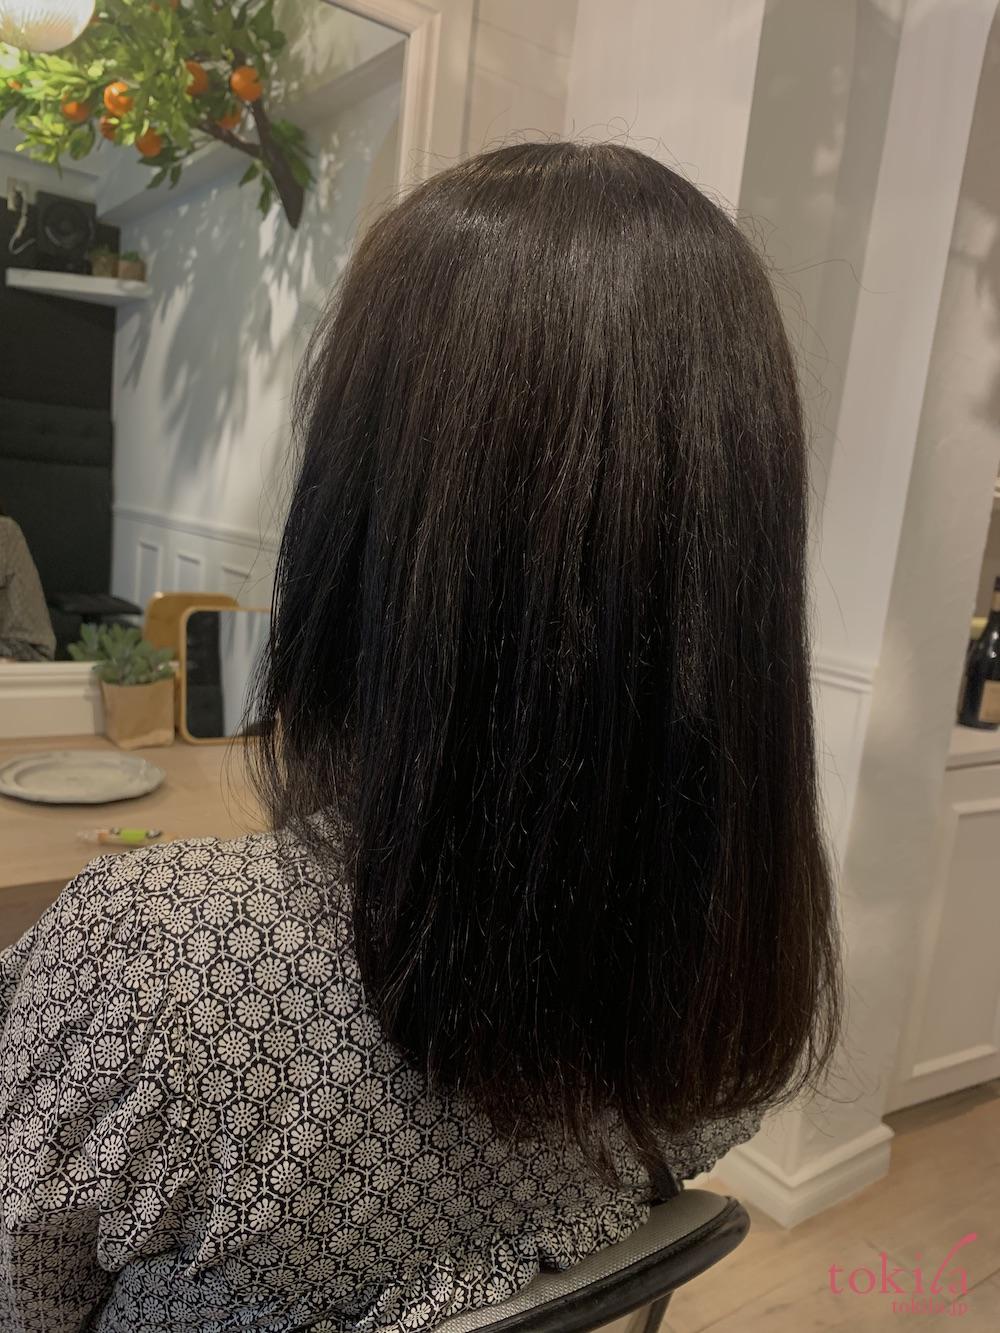 小顔カットが体感できる待望のステップボーンカット東京サロン ヘアマスク体験後の画像1